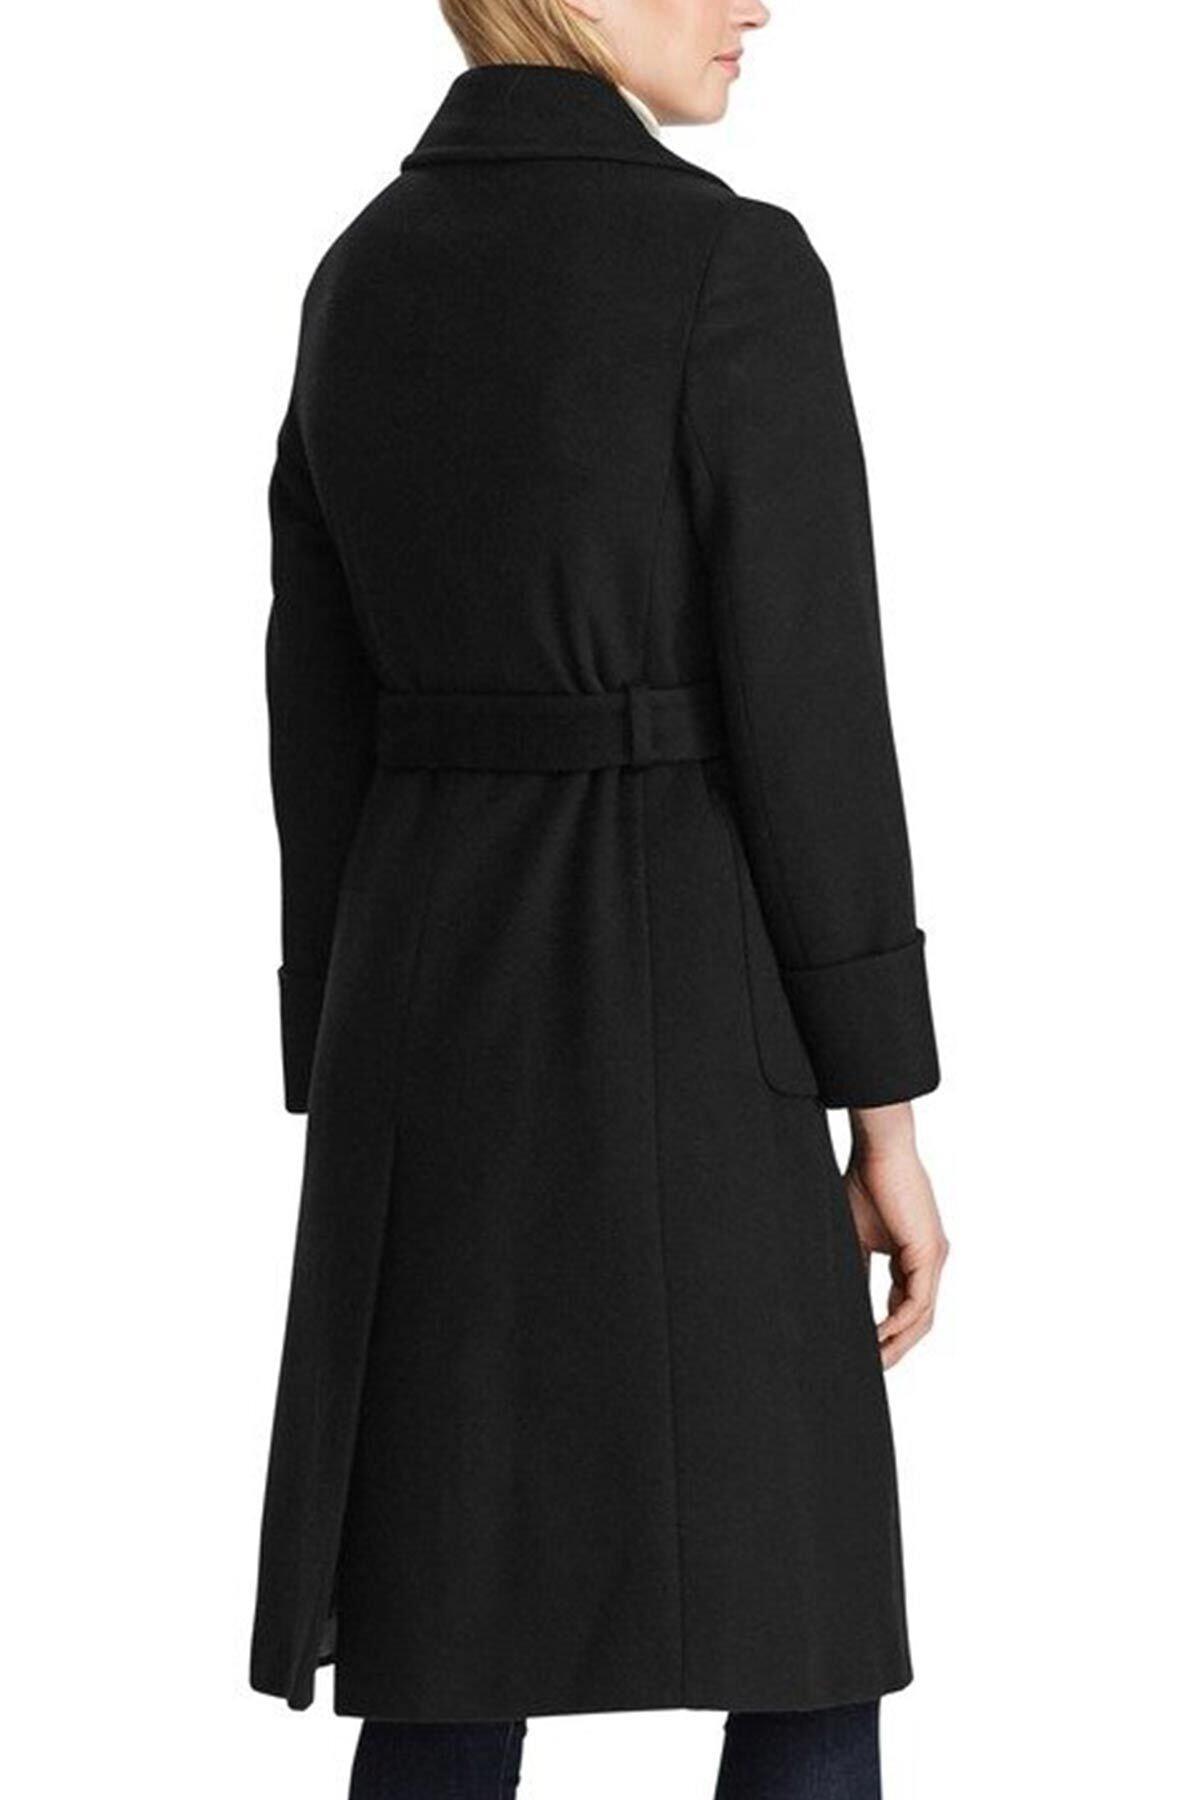 Polo Ralph Lauren Kadın Siyah Belden Kuşaklı Kaşmirli Palto 2